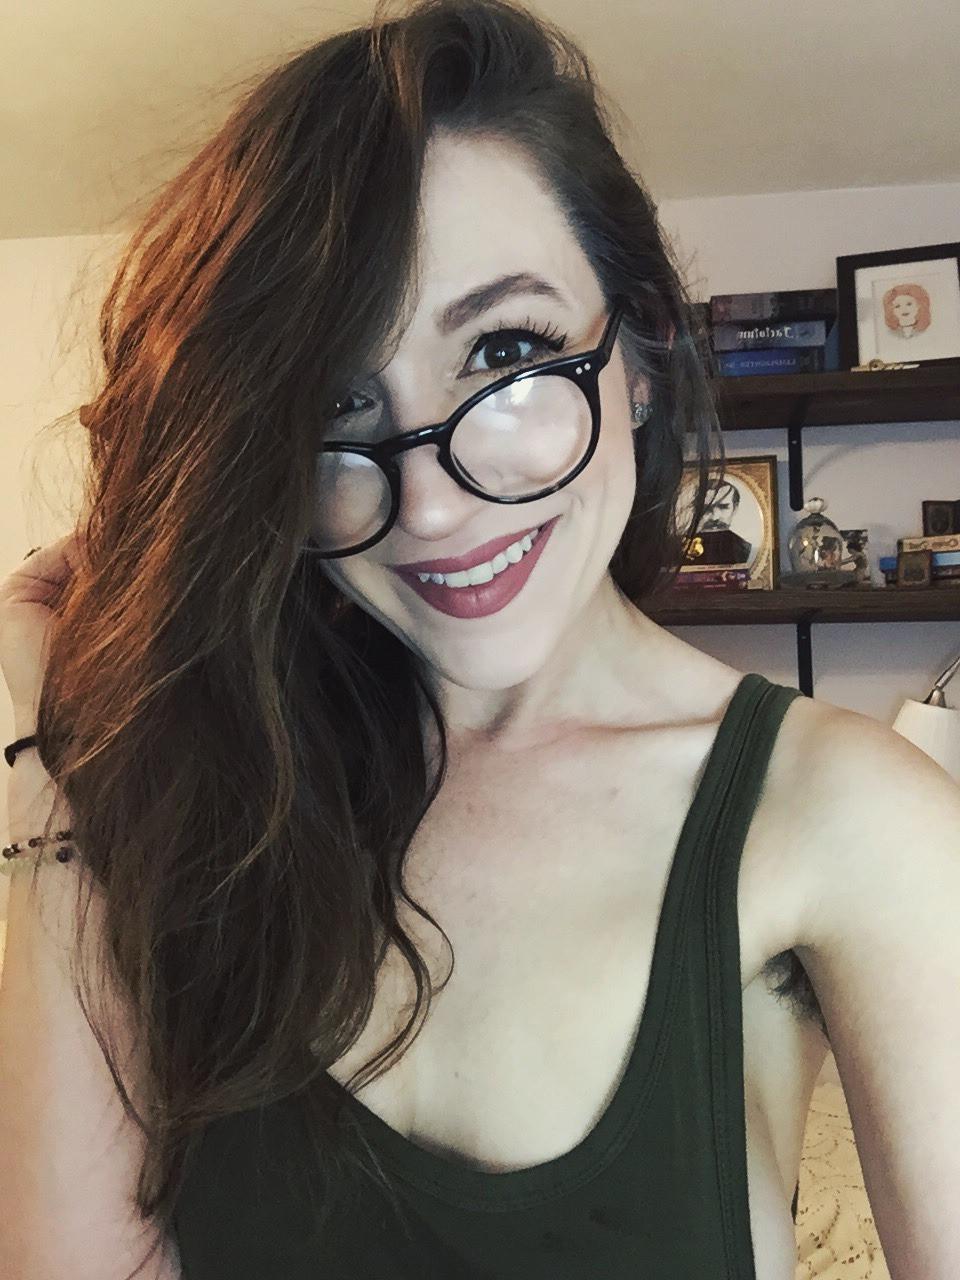 Ha wat leuk dat je mij  sexchat verzoek leest!